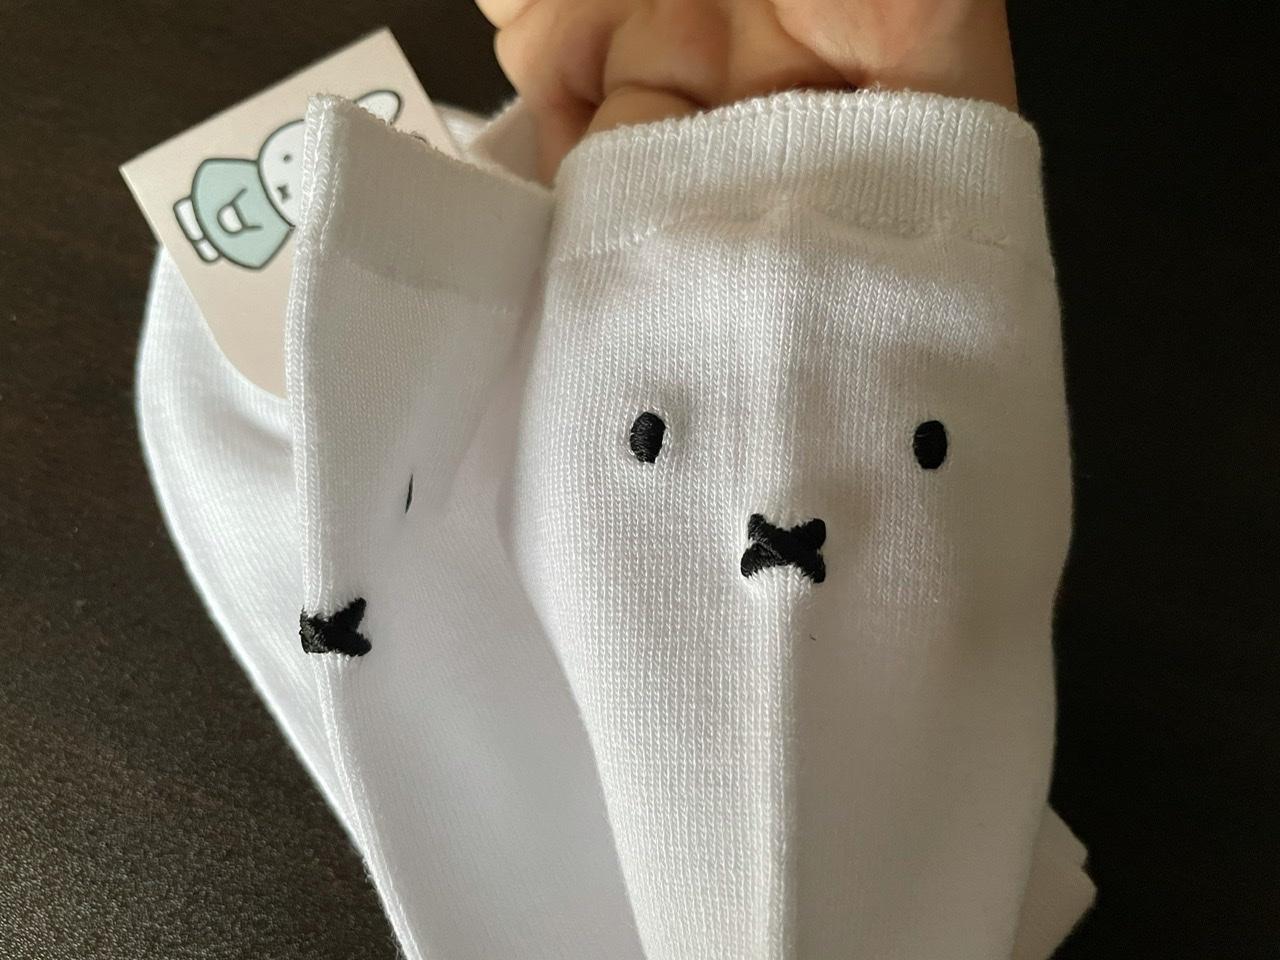 【靴下屋×miffy】みんな大好きミッフィーちゃんが靴下になって登場!_4